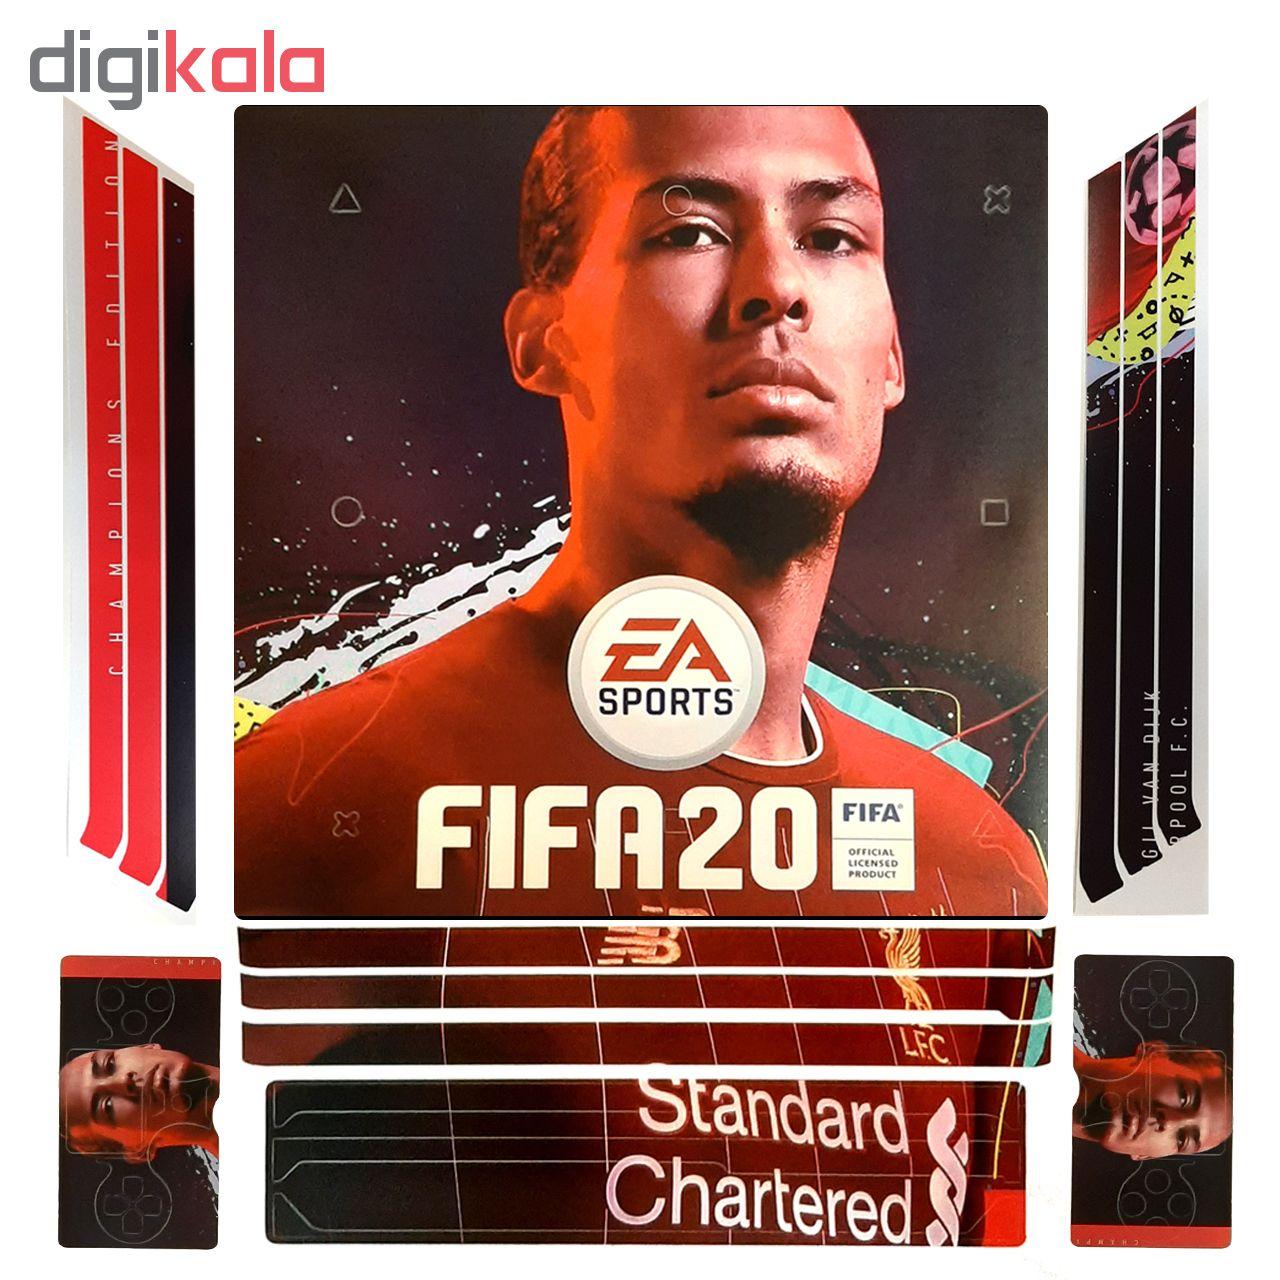 خرید اینترنتی برچسب پلی استیشن 4 پرو طرح Fifa 20 اورجینال